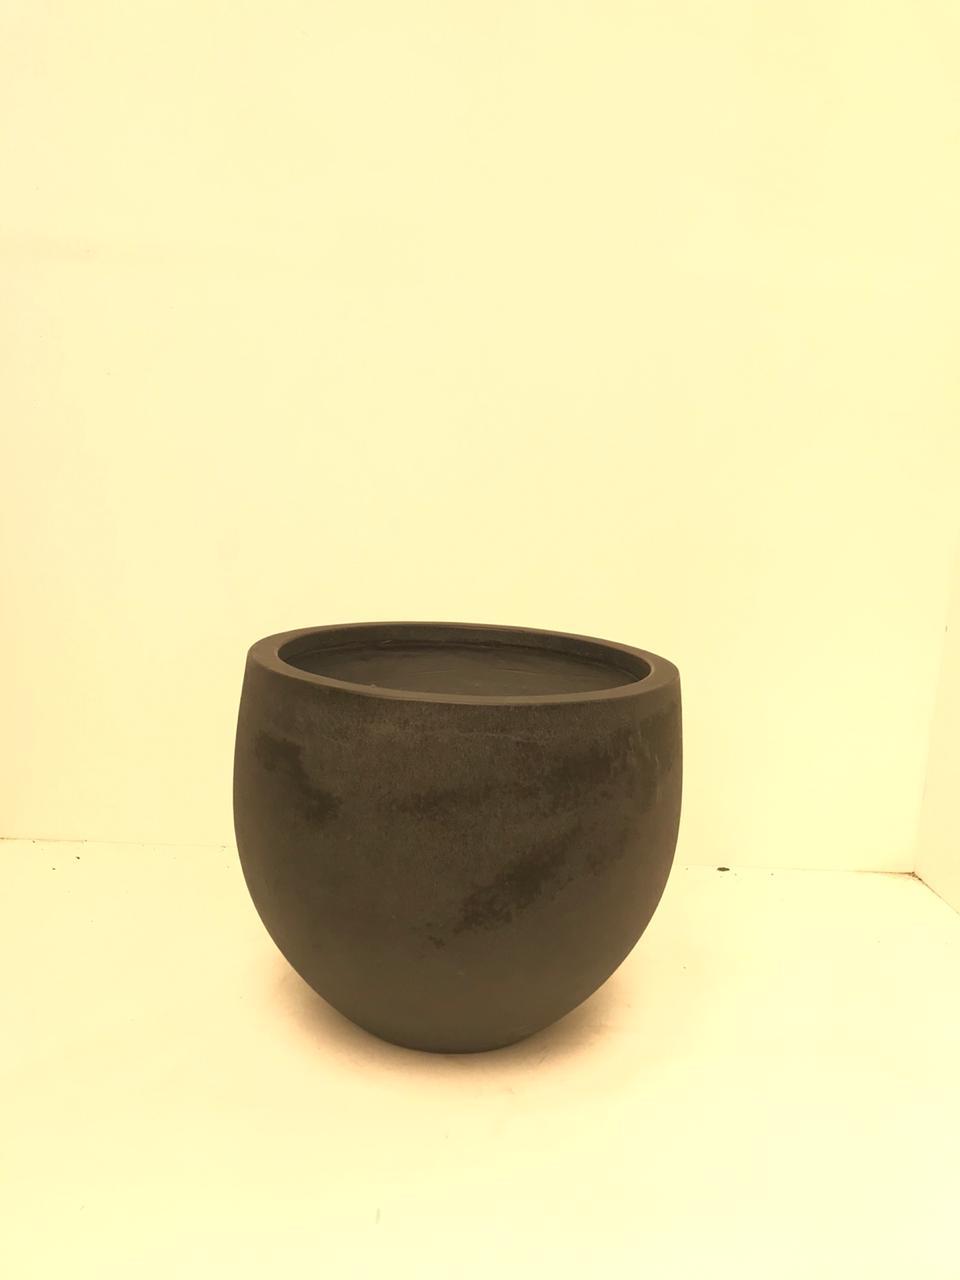 وعاء فيكونستون دائري - أسود صغير 'أواني و مزهريات'